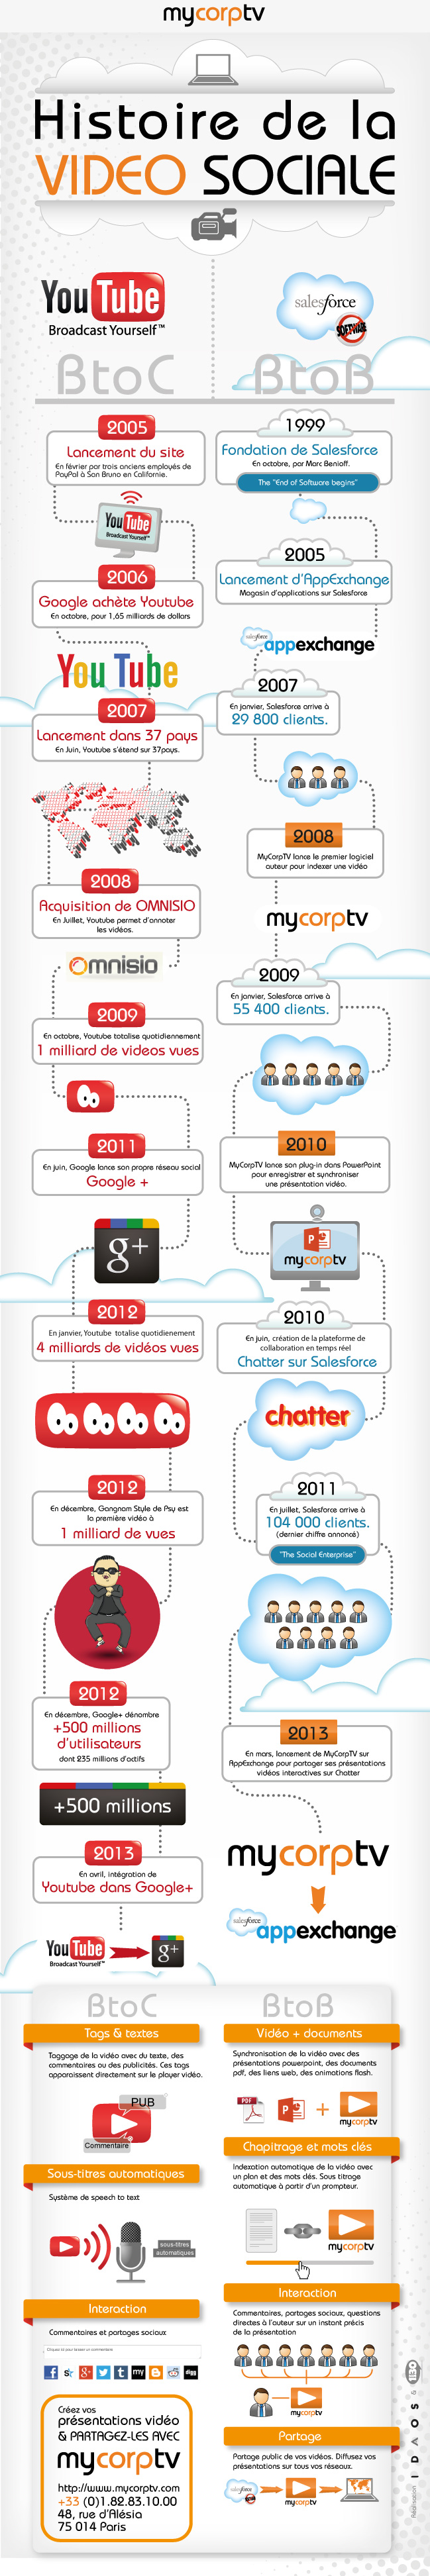 histoire de la vidéo sociale